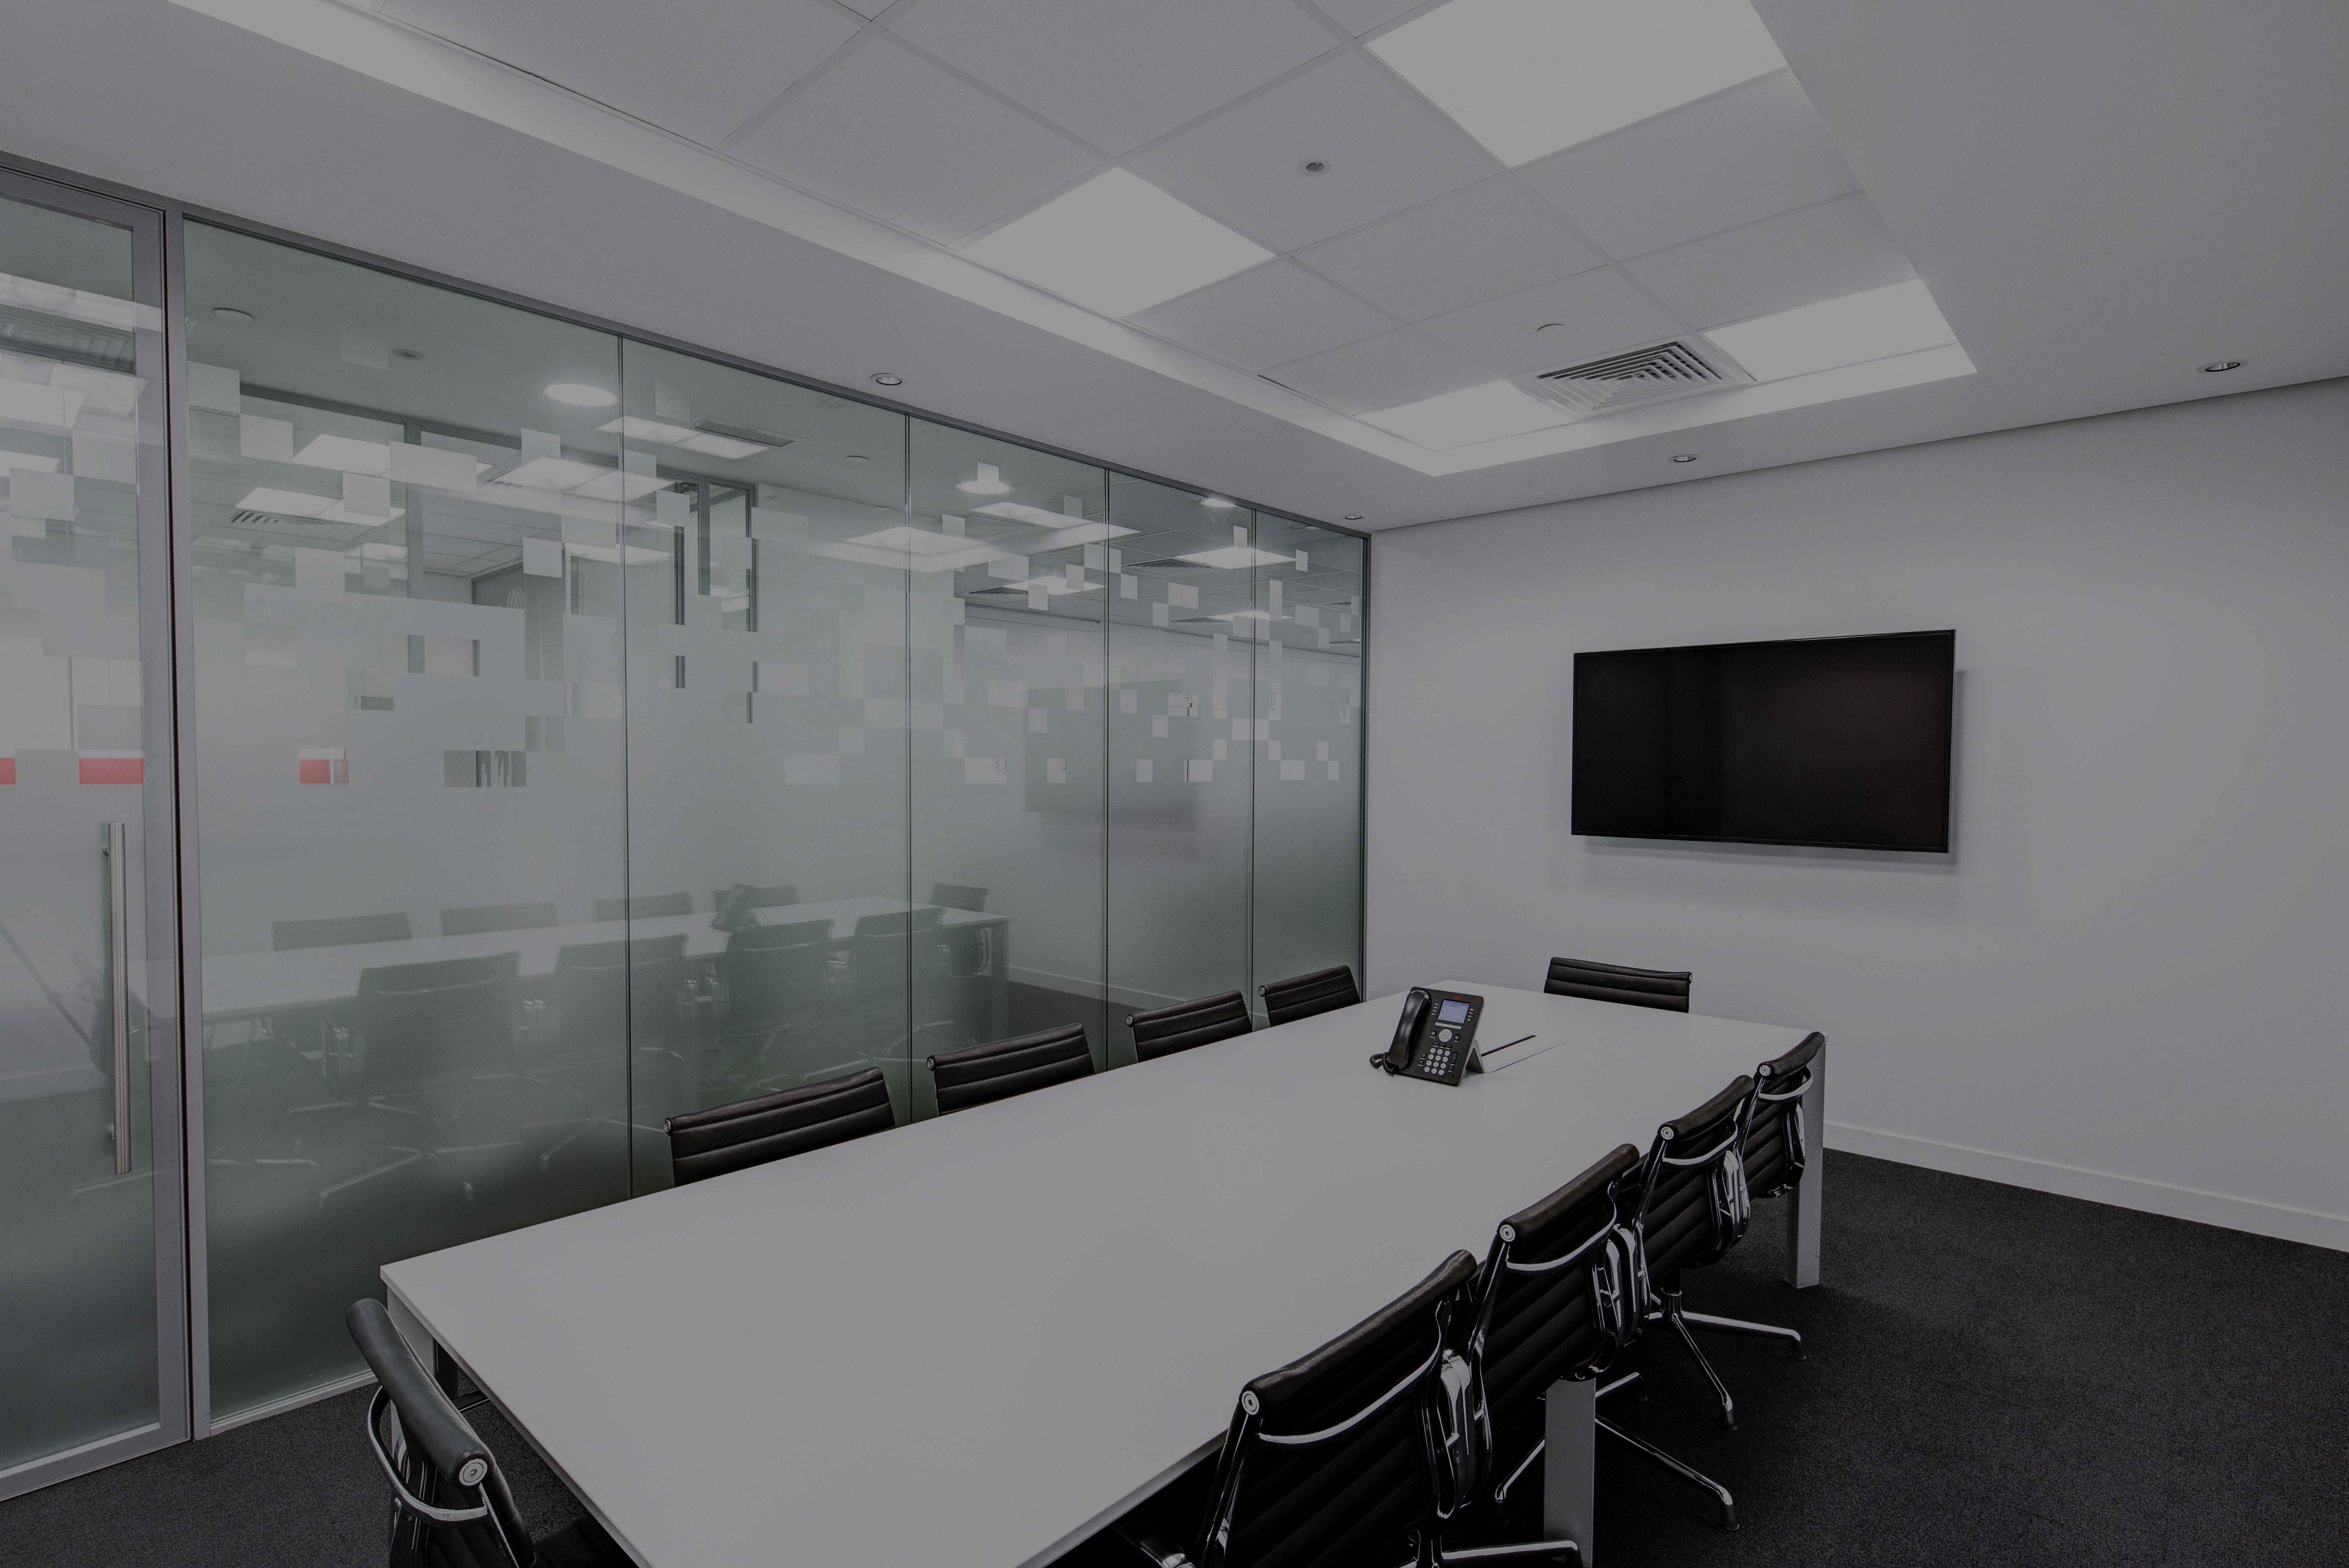 meeting room reinstatement